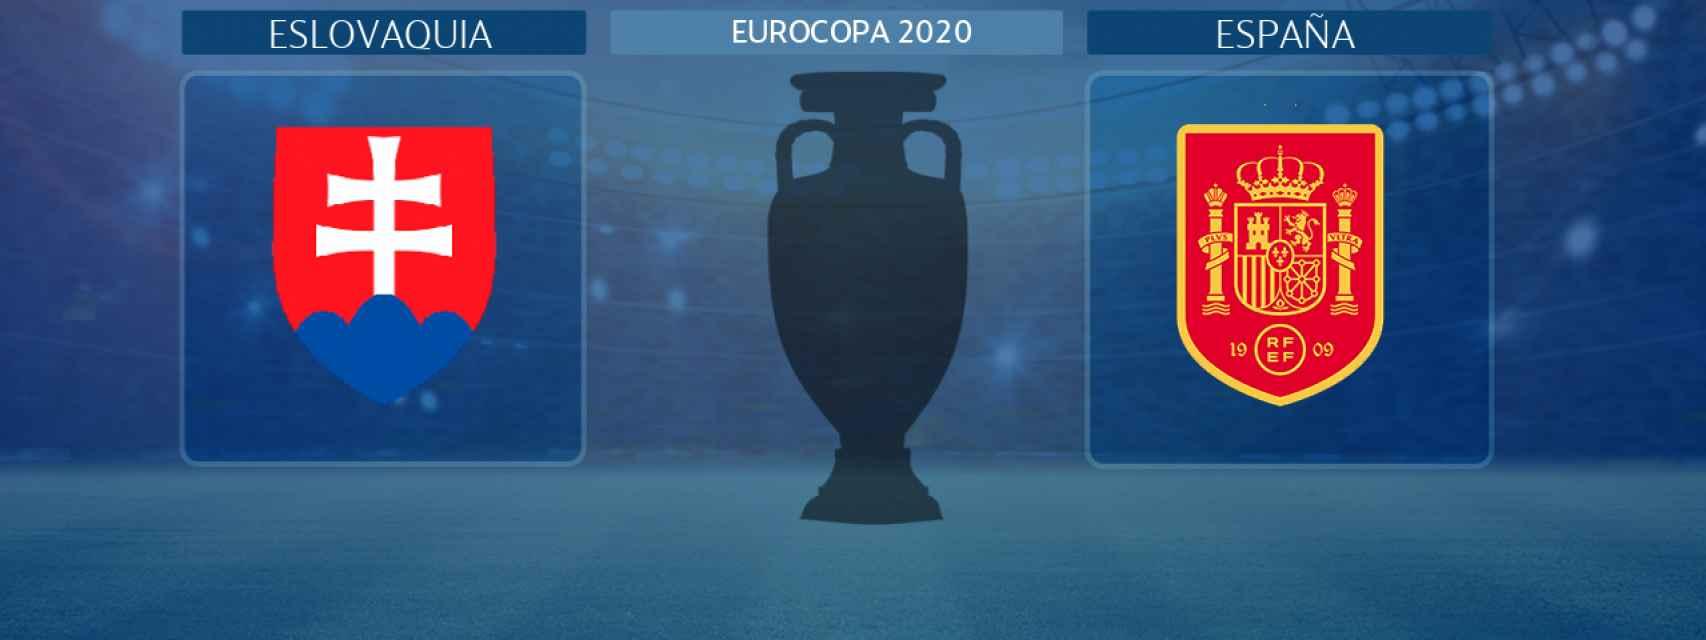 Eslovaquia - España, partido de la Eurocopa 2020